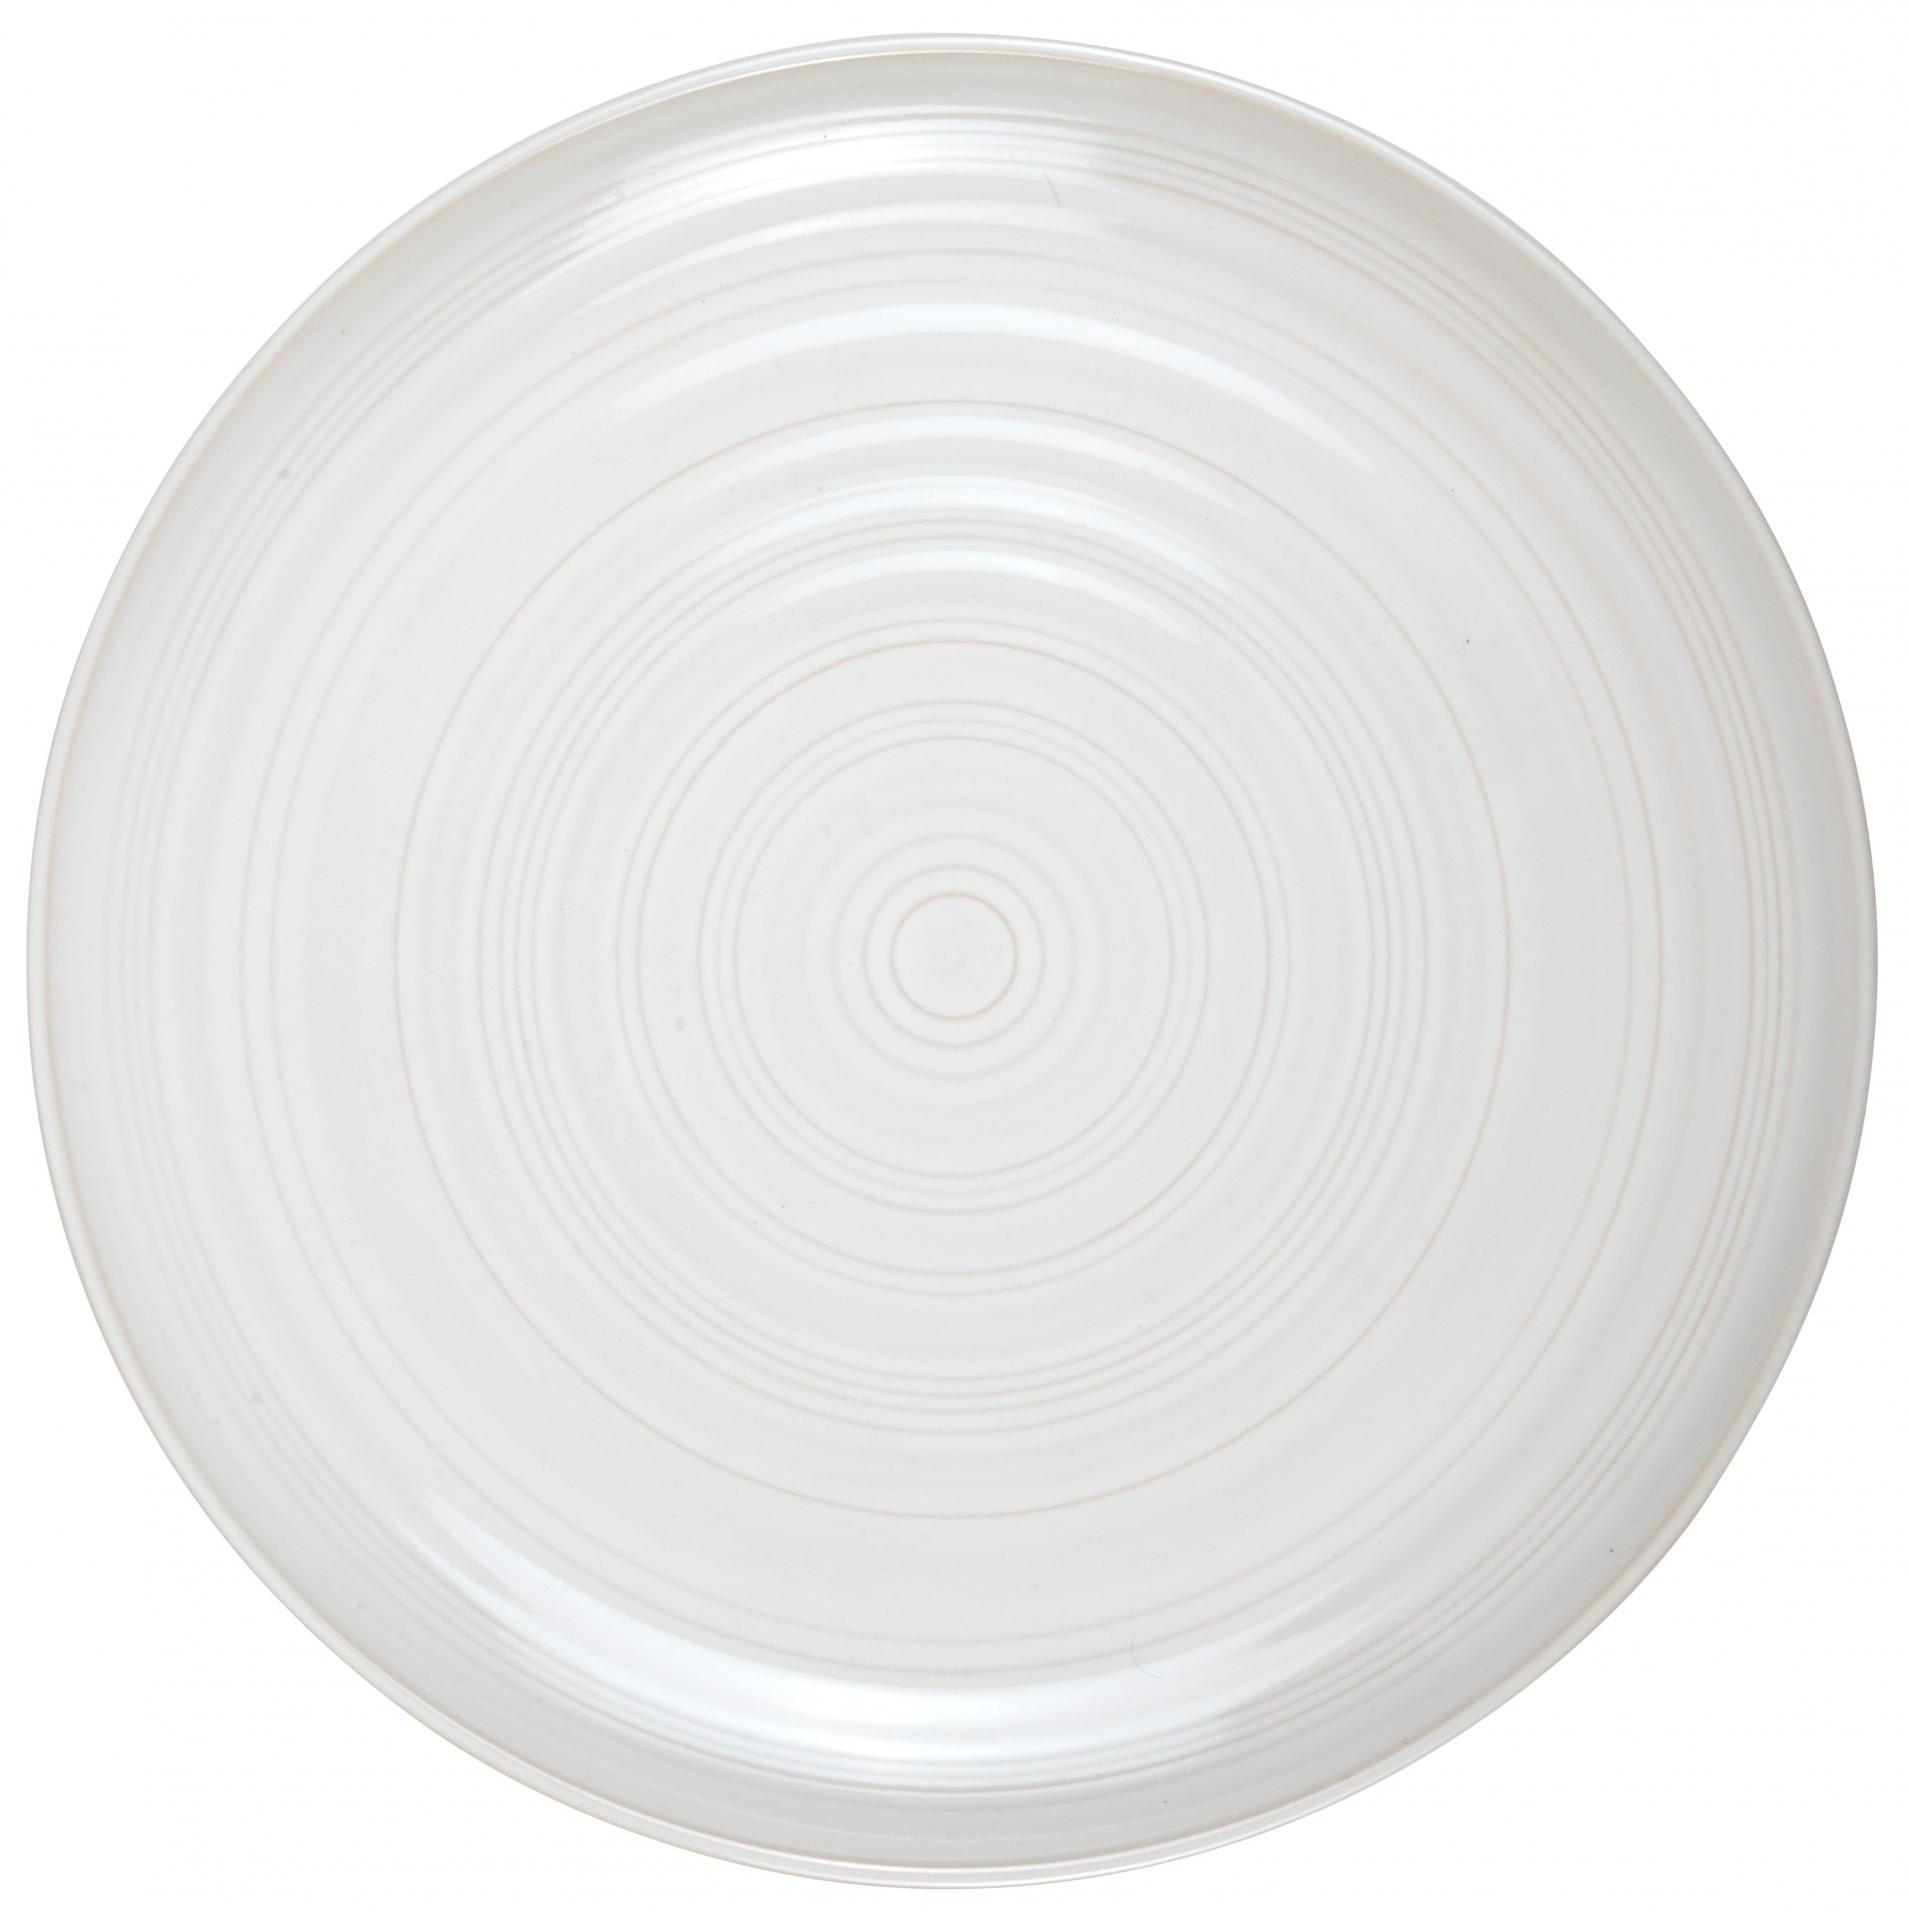 IB LAURSEN Talíř Tide white 27 cm, krémová barva, keramika